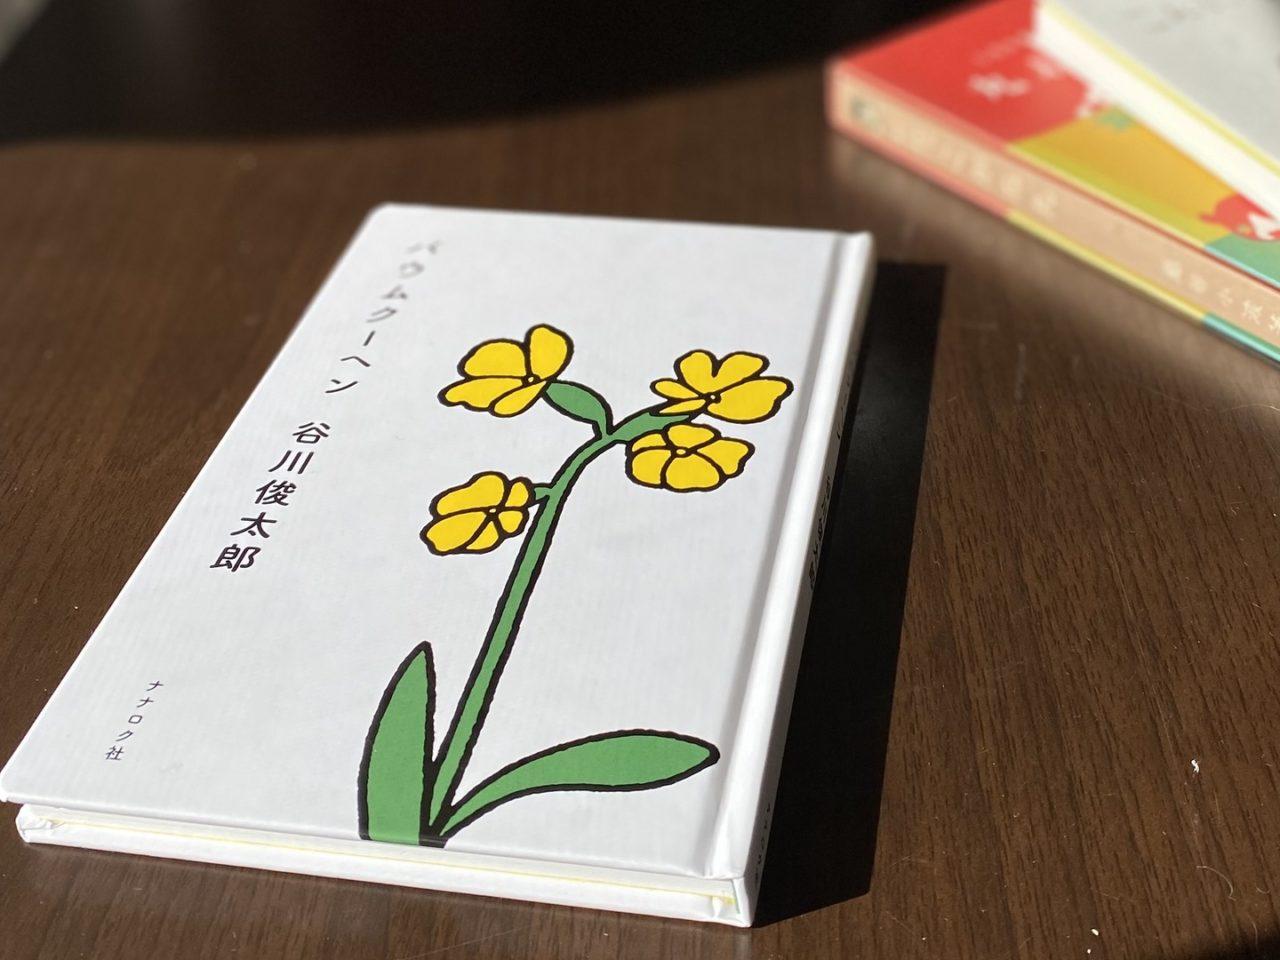 『バウムクーヘン』の表紙。プリムローズという花のイラスト